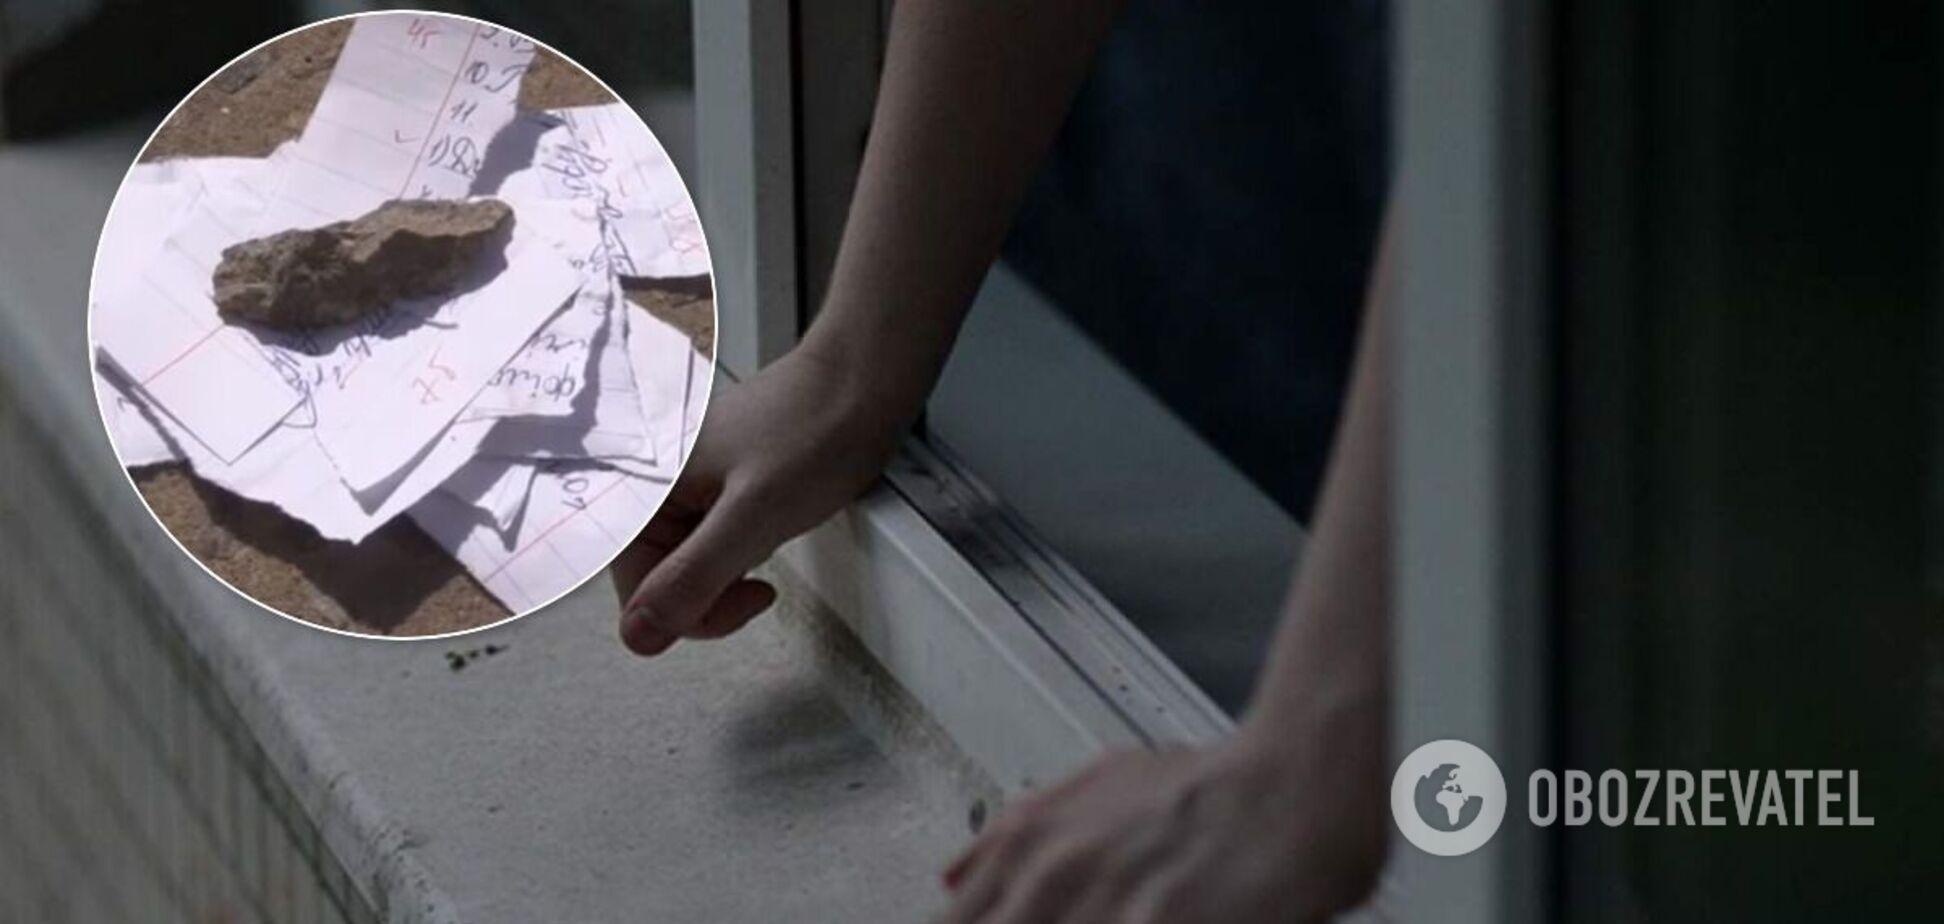 Поруч з тілом дівчинки, що випала з вікна в Кривому Розі, знайдені дивні деталі